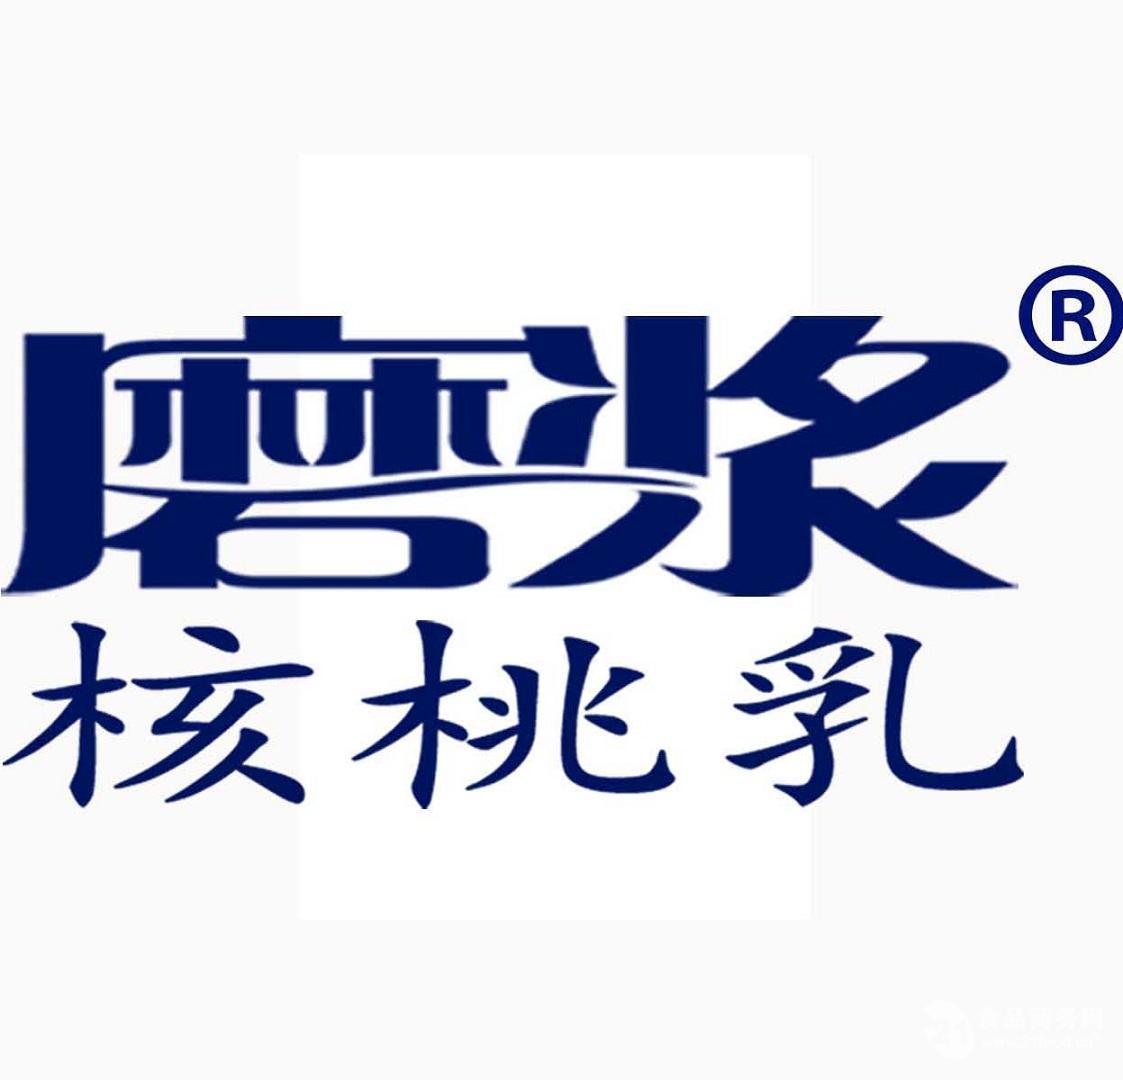 核桃叶子logo素材